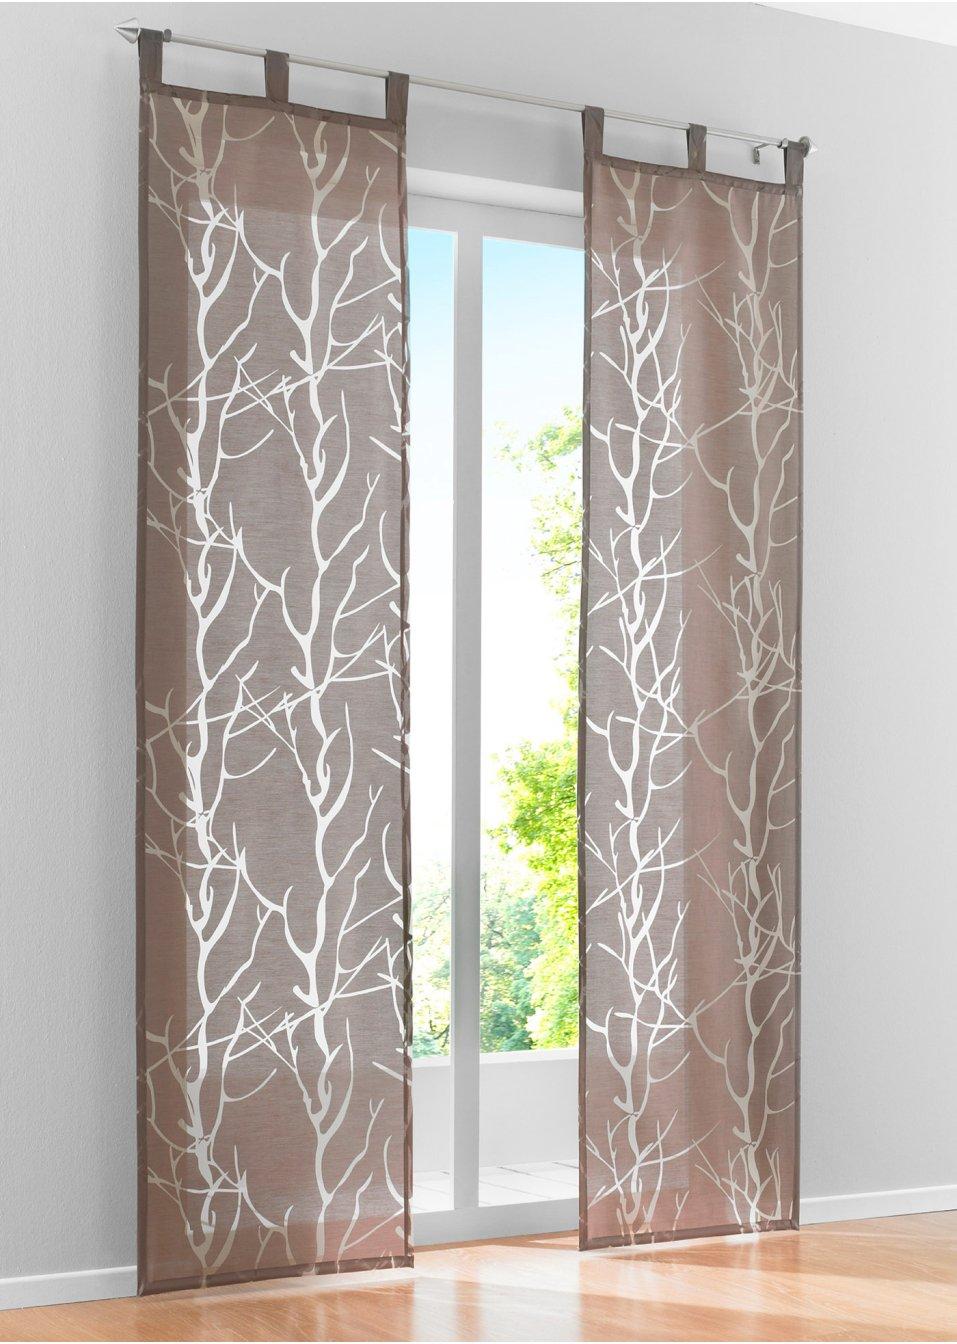 panneau coulissant roya pattes marron bpc living acheter online. Black Bedroom Furniture Sets. Home Design Ideas